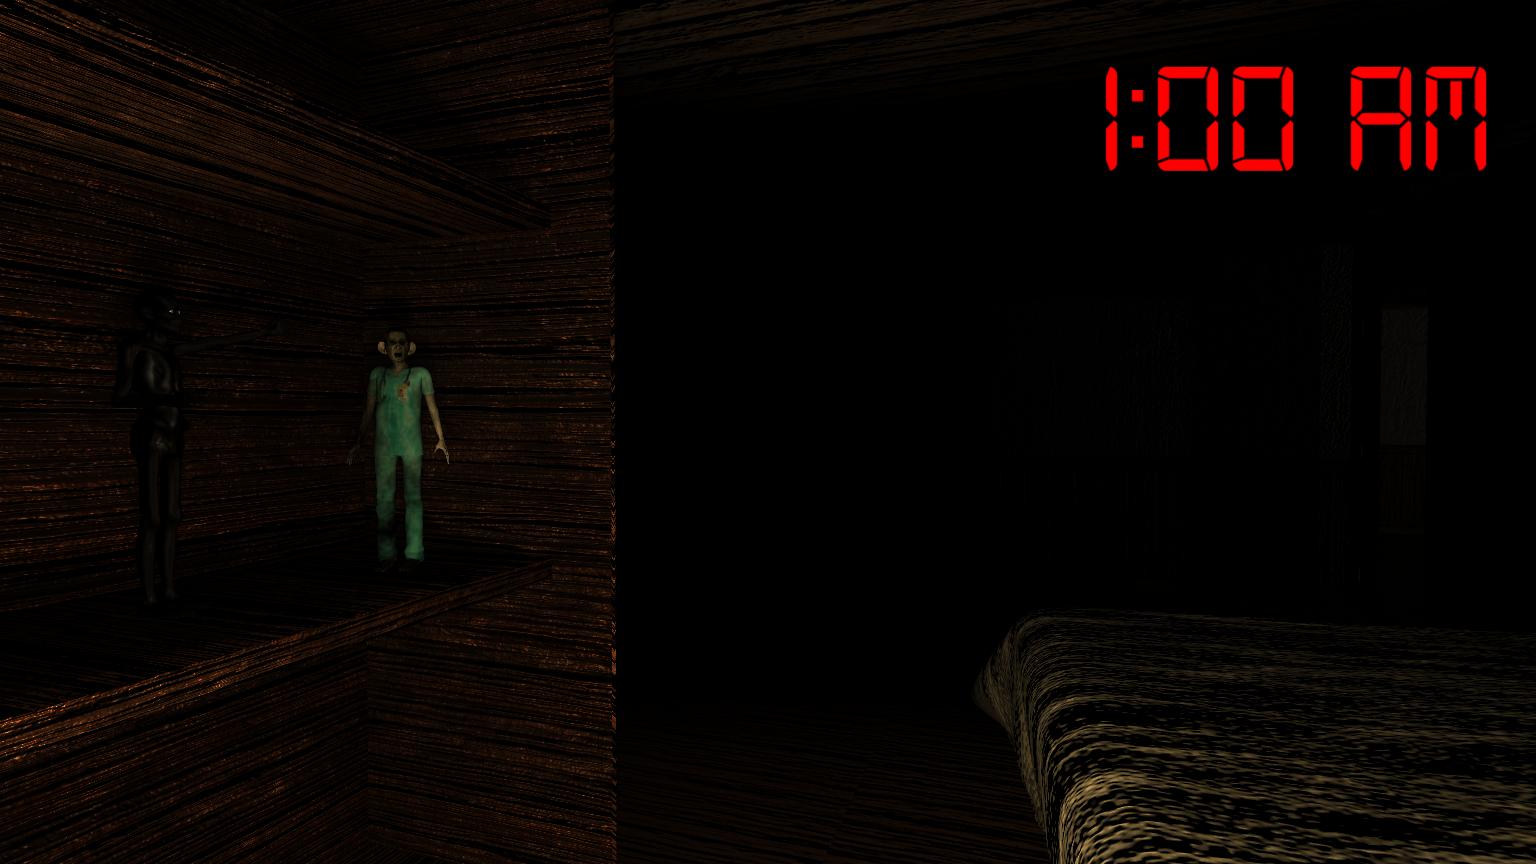 scare 2015 12 19 01 40 50 89